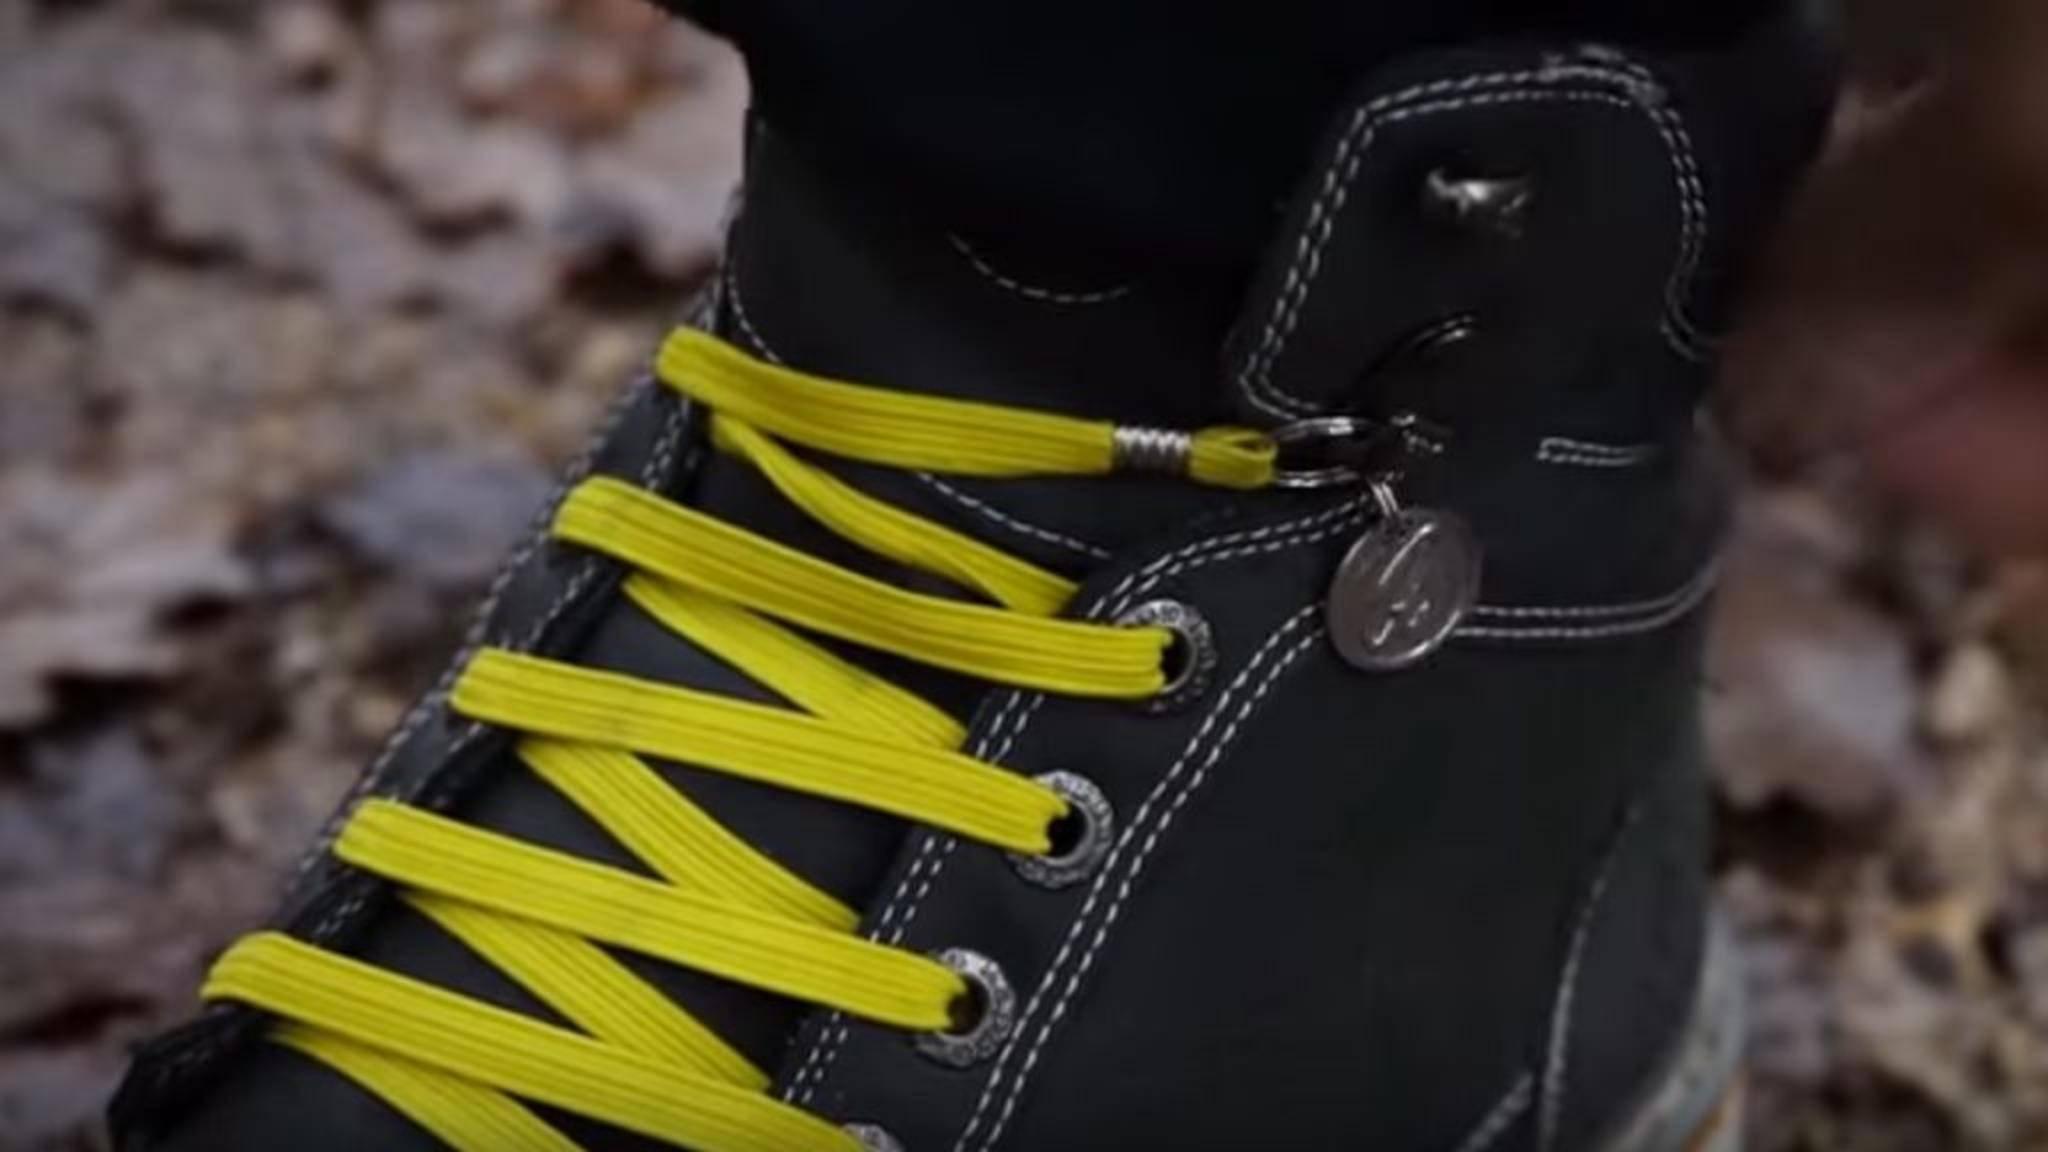 Serienproduktion ausdrücklich erwünscht: Diese Schnürsenkel sind der Hammer!